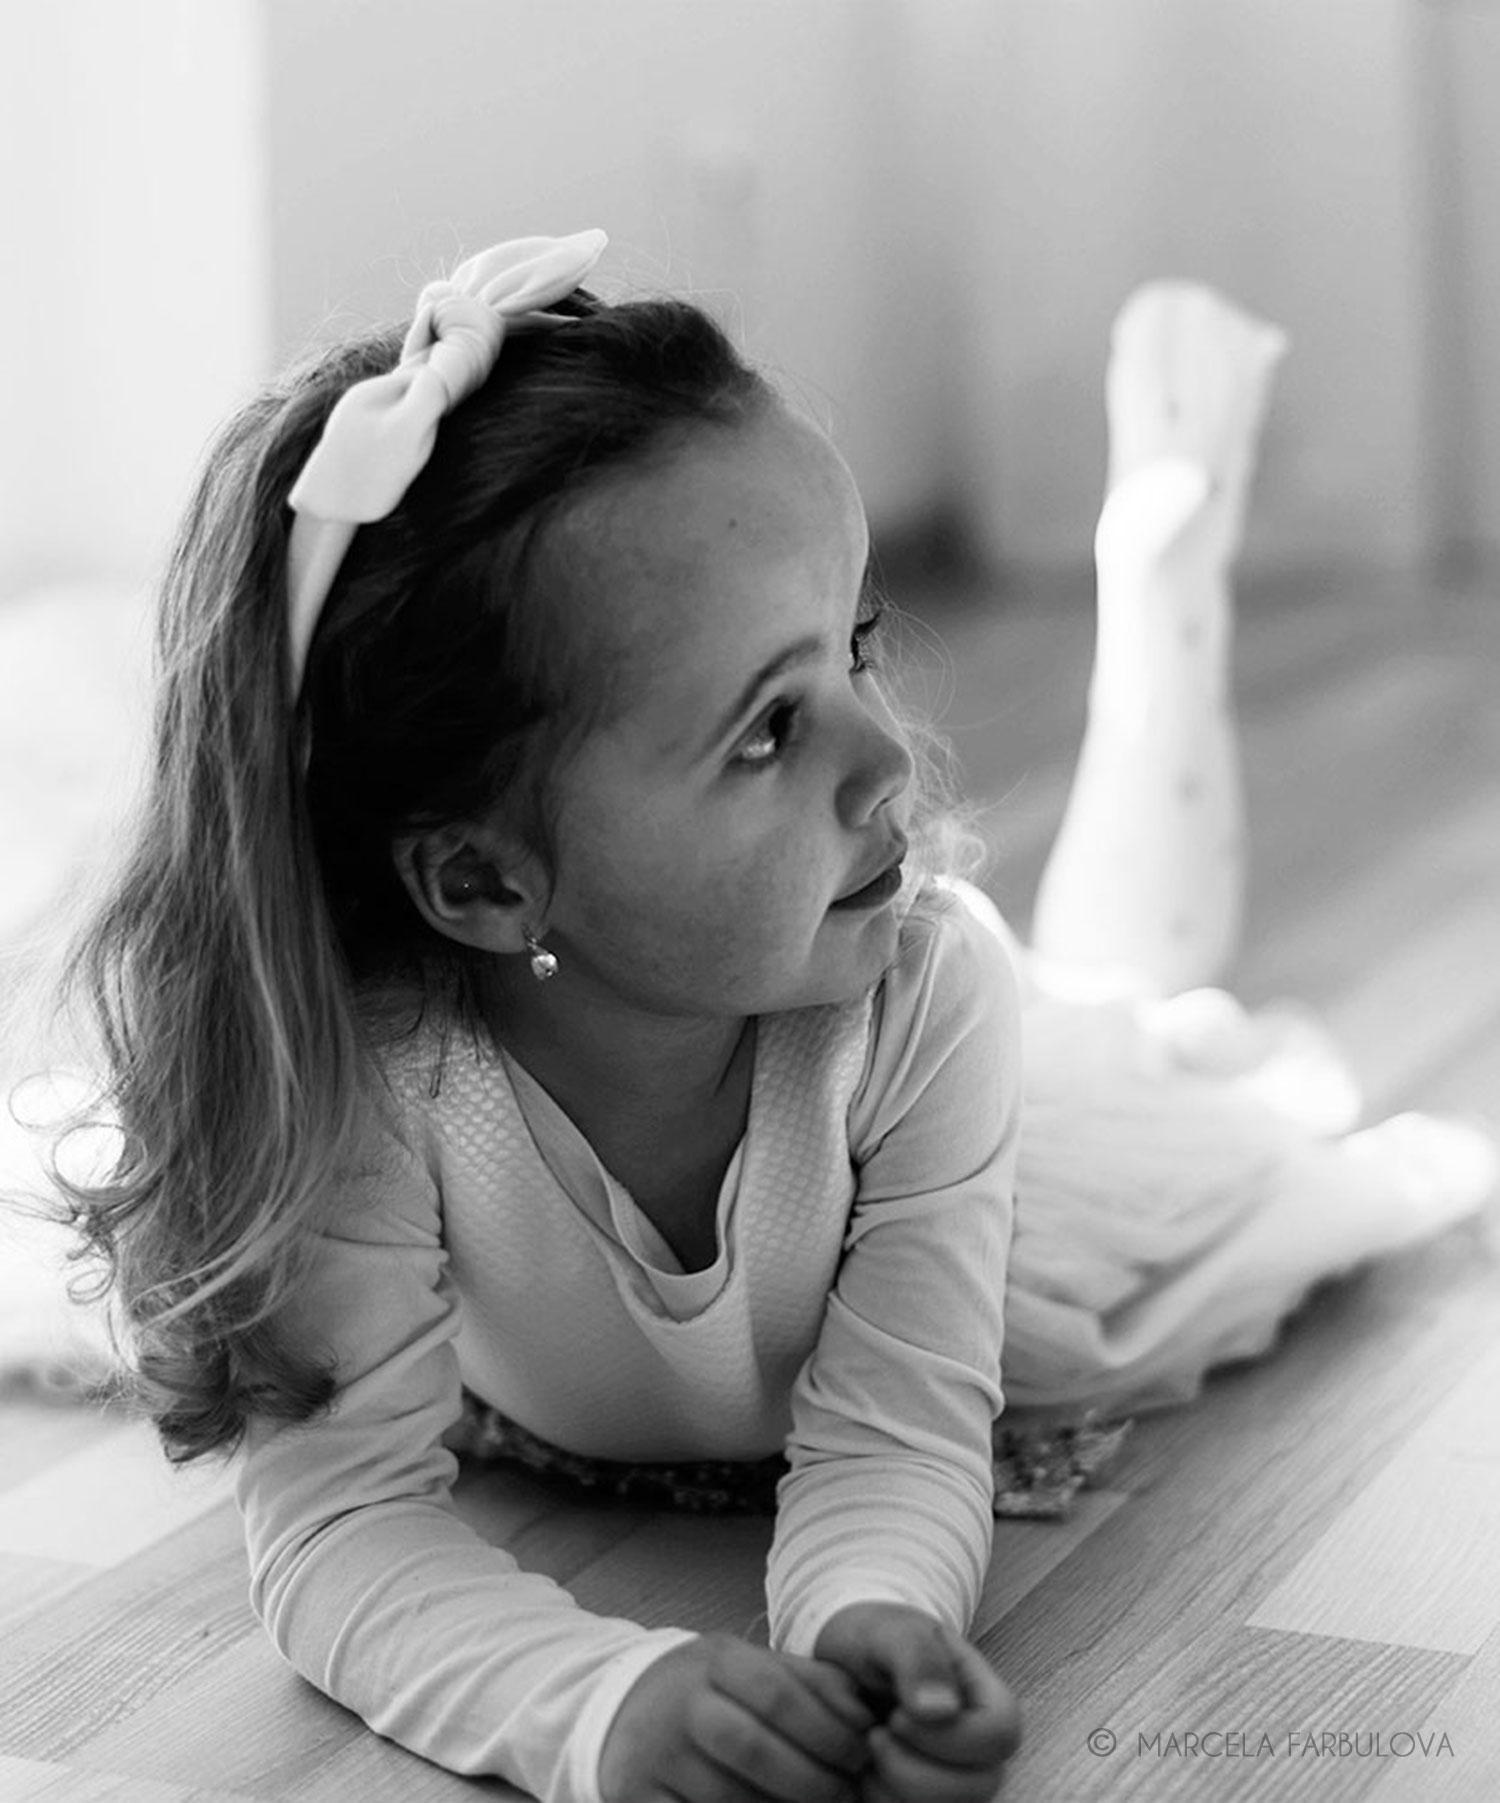 Detská a rodinná fotografka - Marcela Farbulová